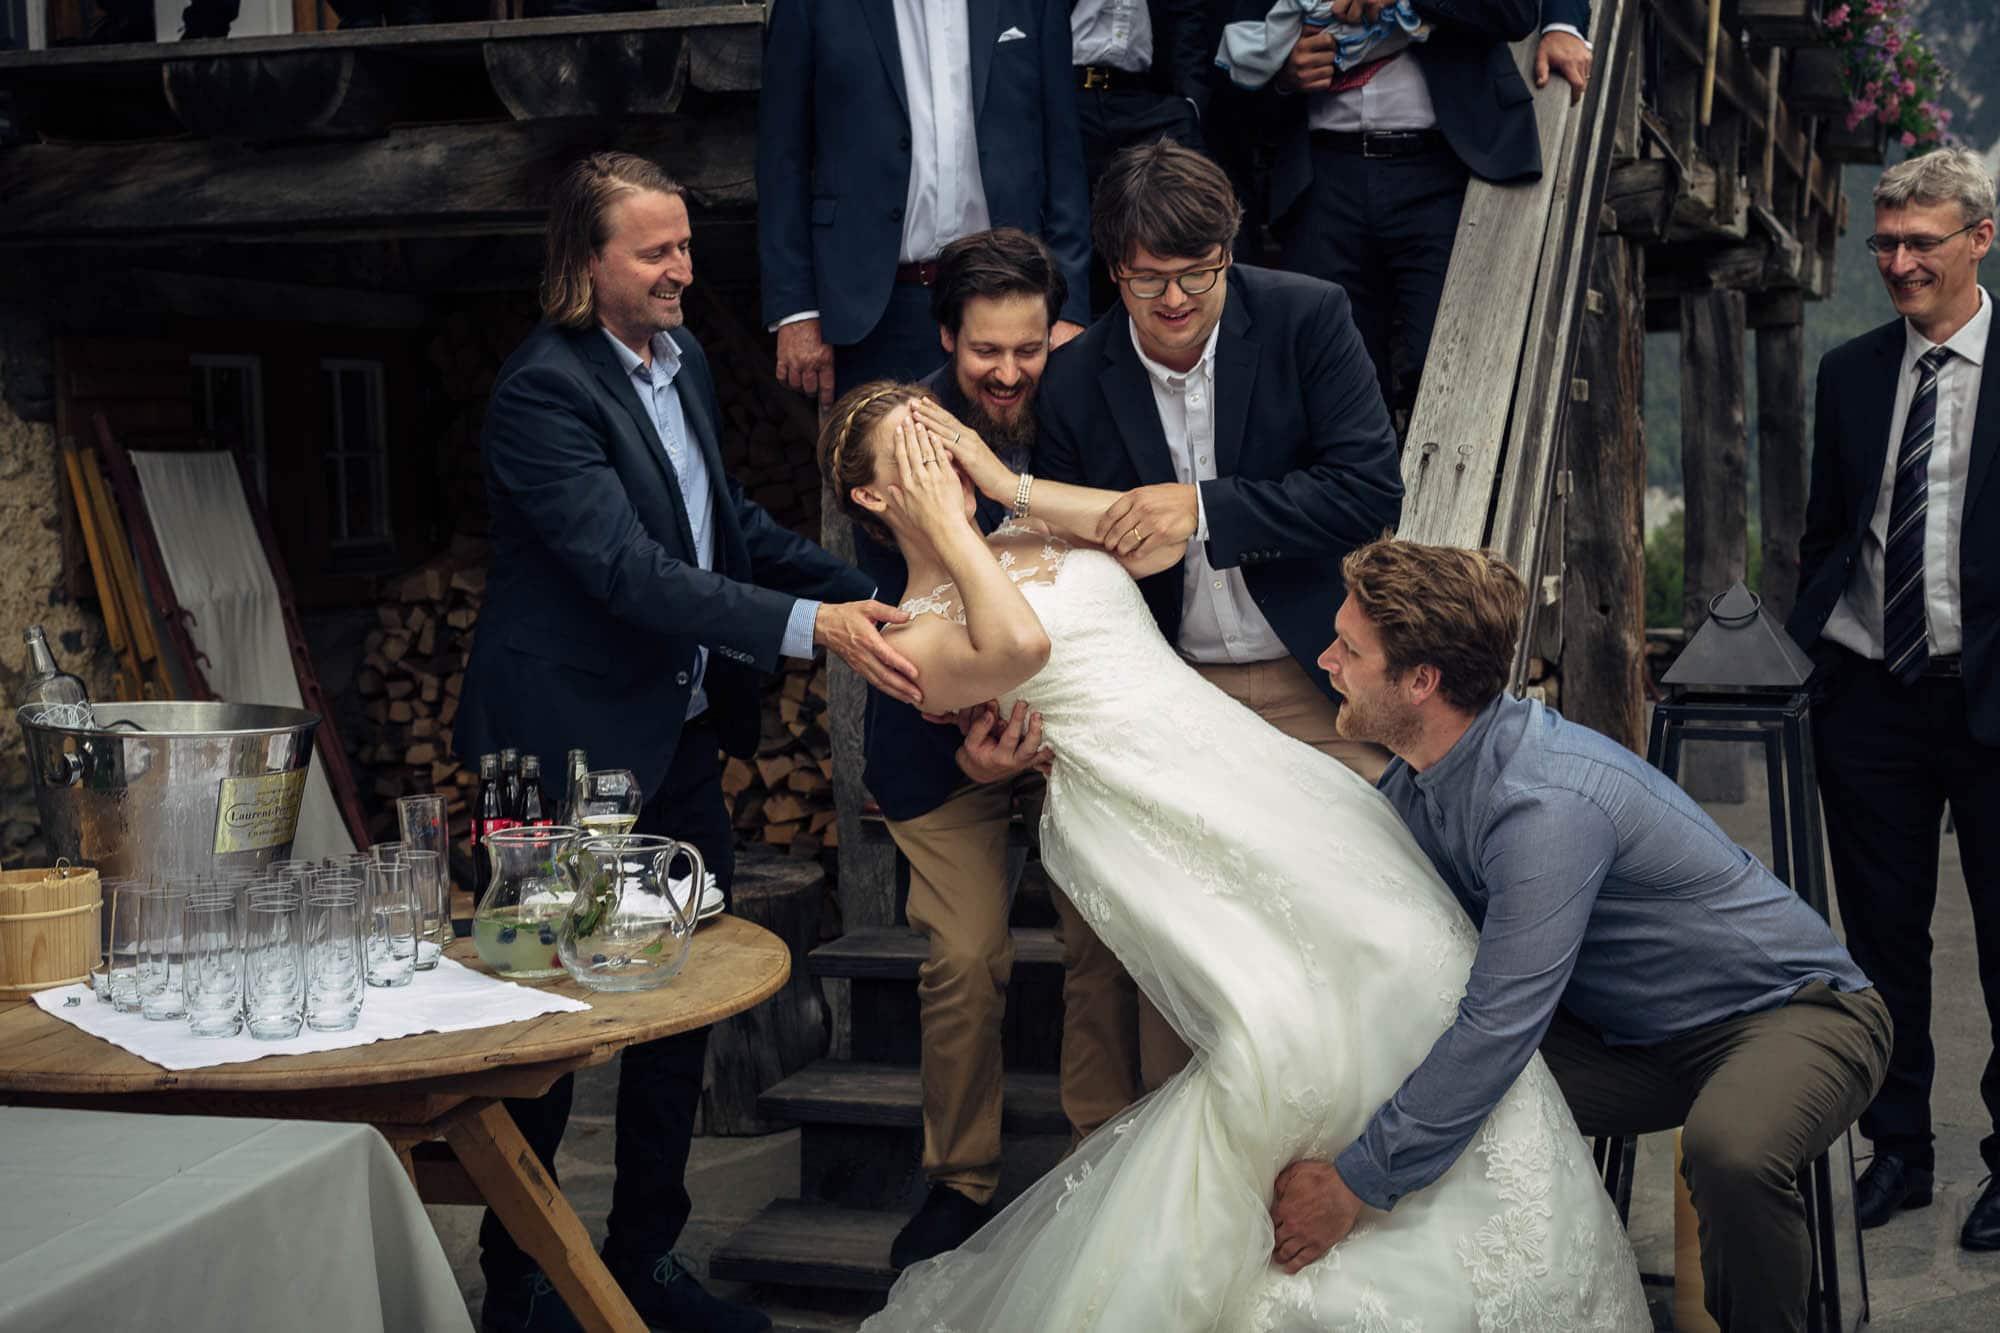 Braut verschliesst die Augen als sie Gäste aufheben wollen